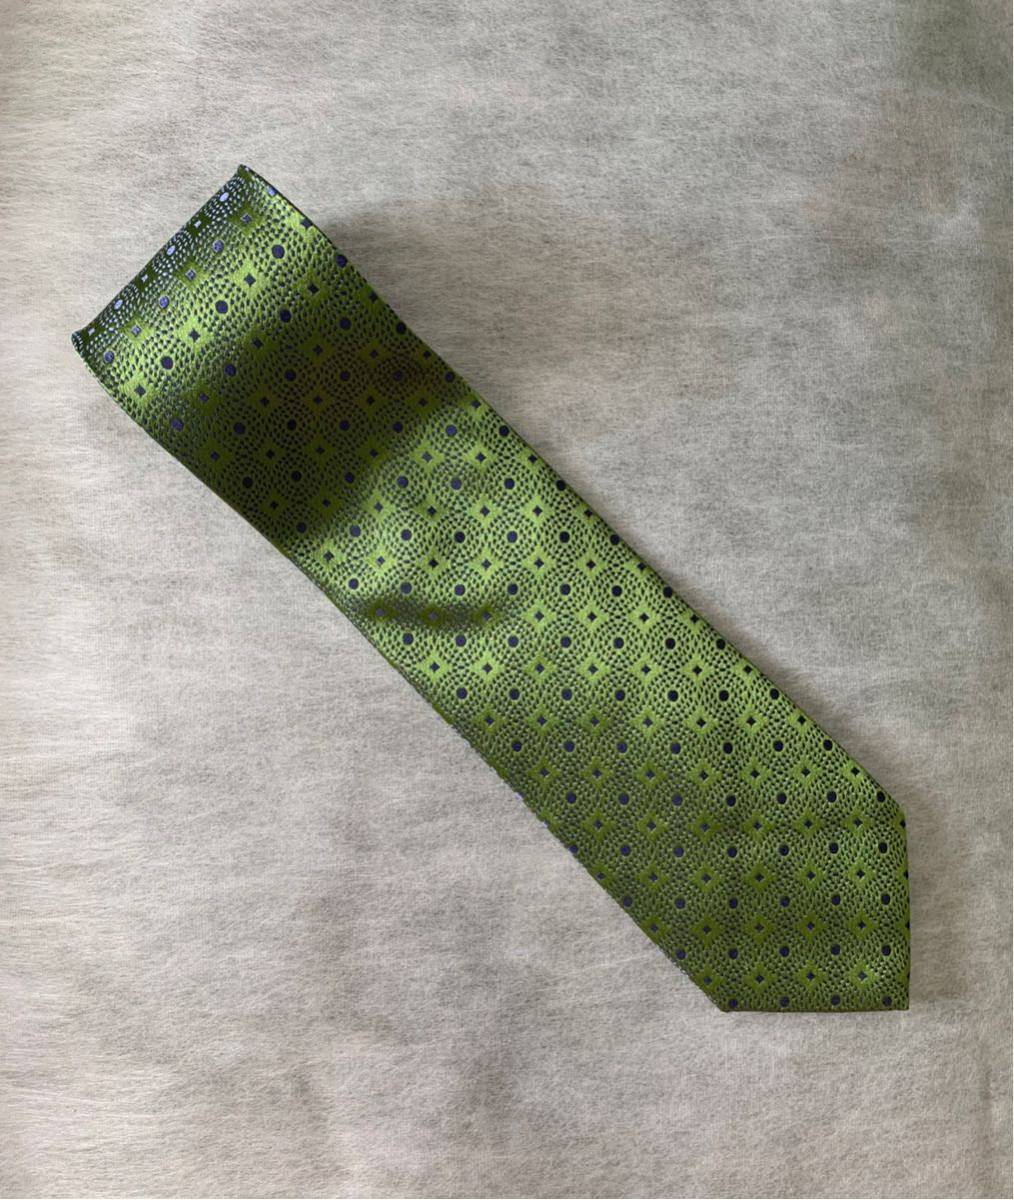 美品 STRASBURGO 購入 Charvet シルクジャガードタイ TIES / ネクタイ フランス製 SILK 絹100% シャルべ ストラスブルゴ GREEN 緑